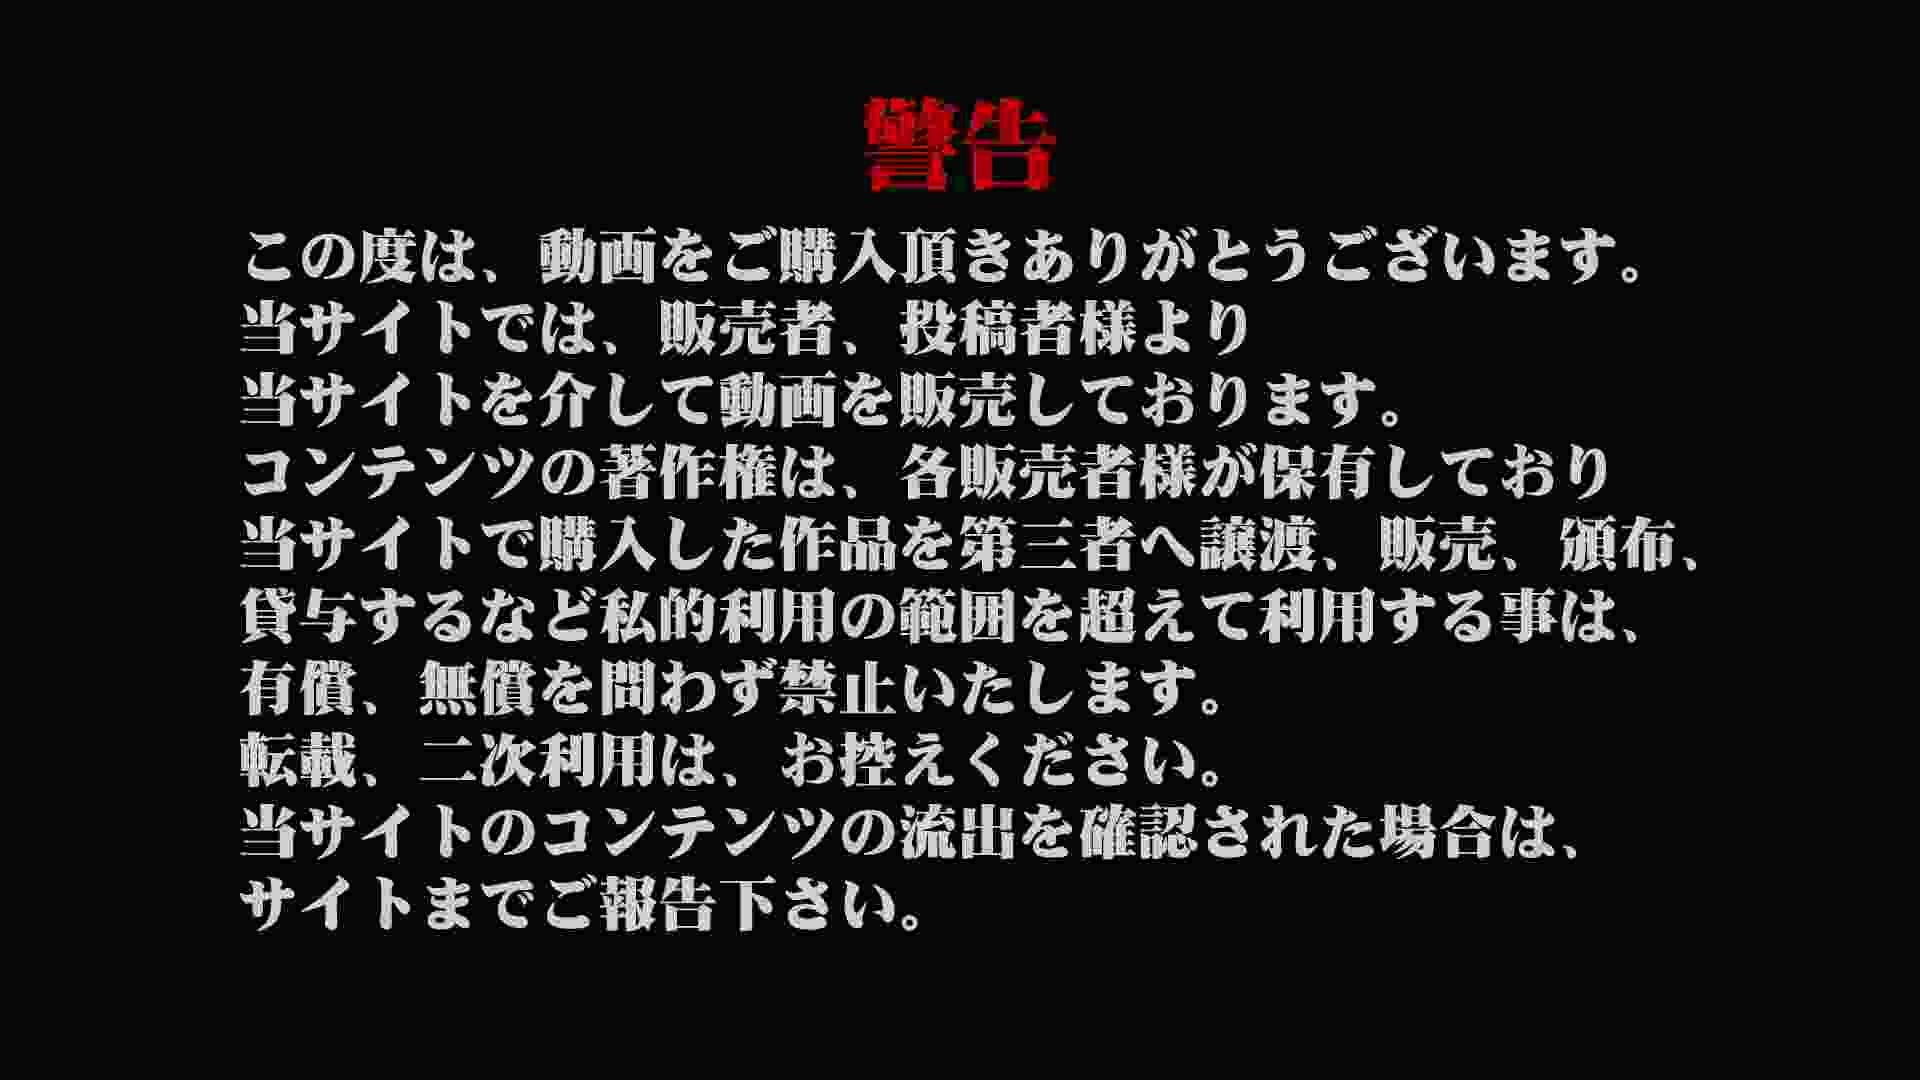 ギャルのツルピカ潜入盗撮!Vol.10 うんこ好き | マンコ特集  29連発 1